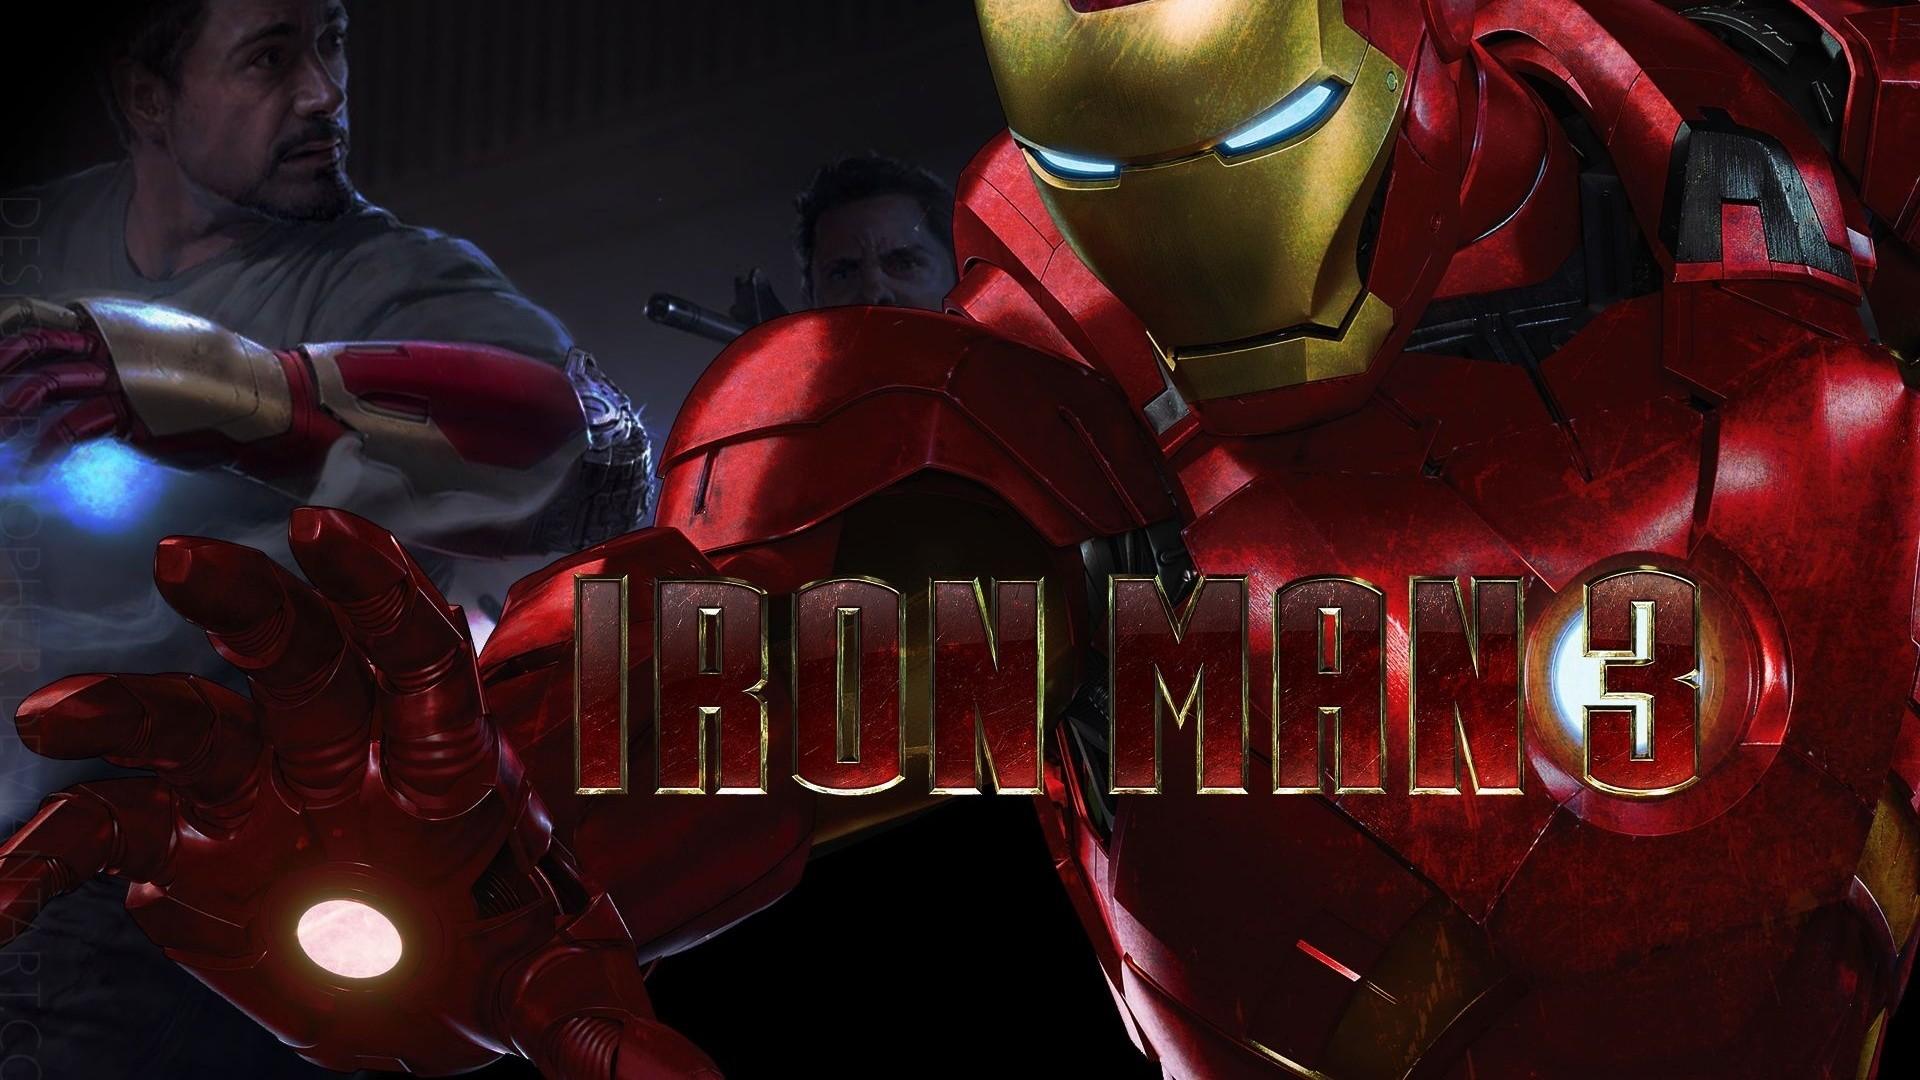 Iron Man Wallpapers Free Download